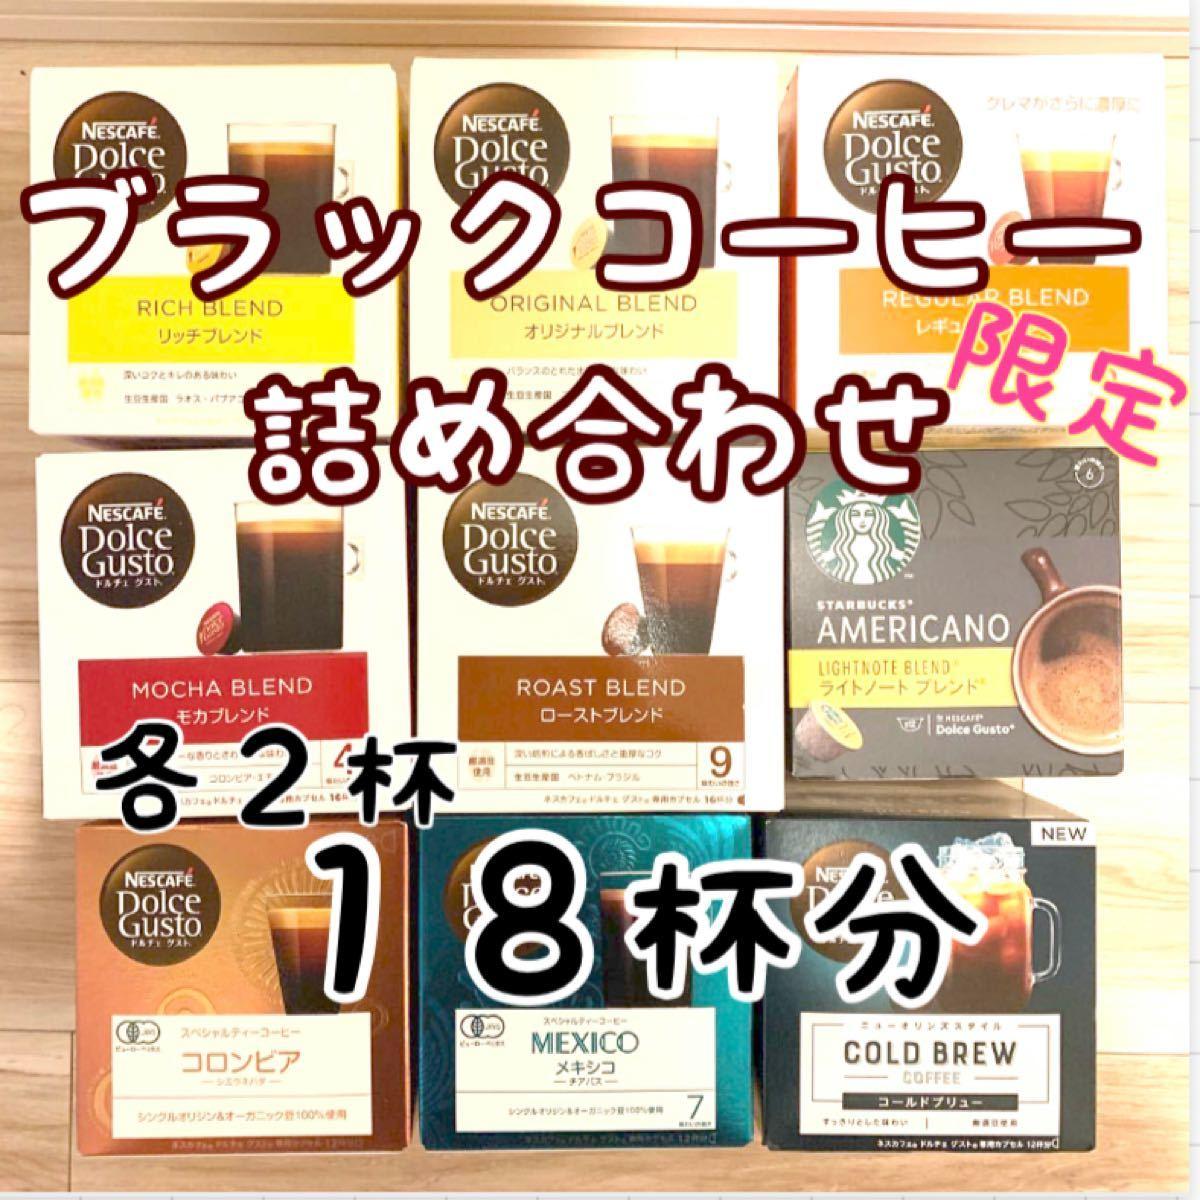 ブラック コーヒー モカ リッチ レギュラー ドルチェグスト カプセル 9種類 スターバックス セット ネスレ アイス ブレンド